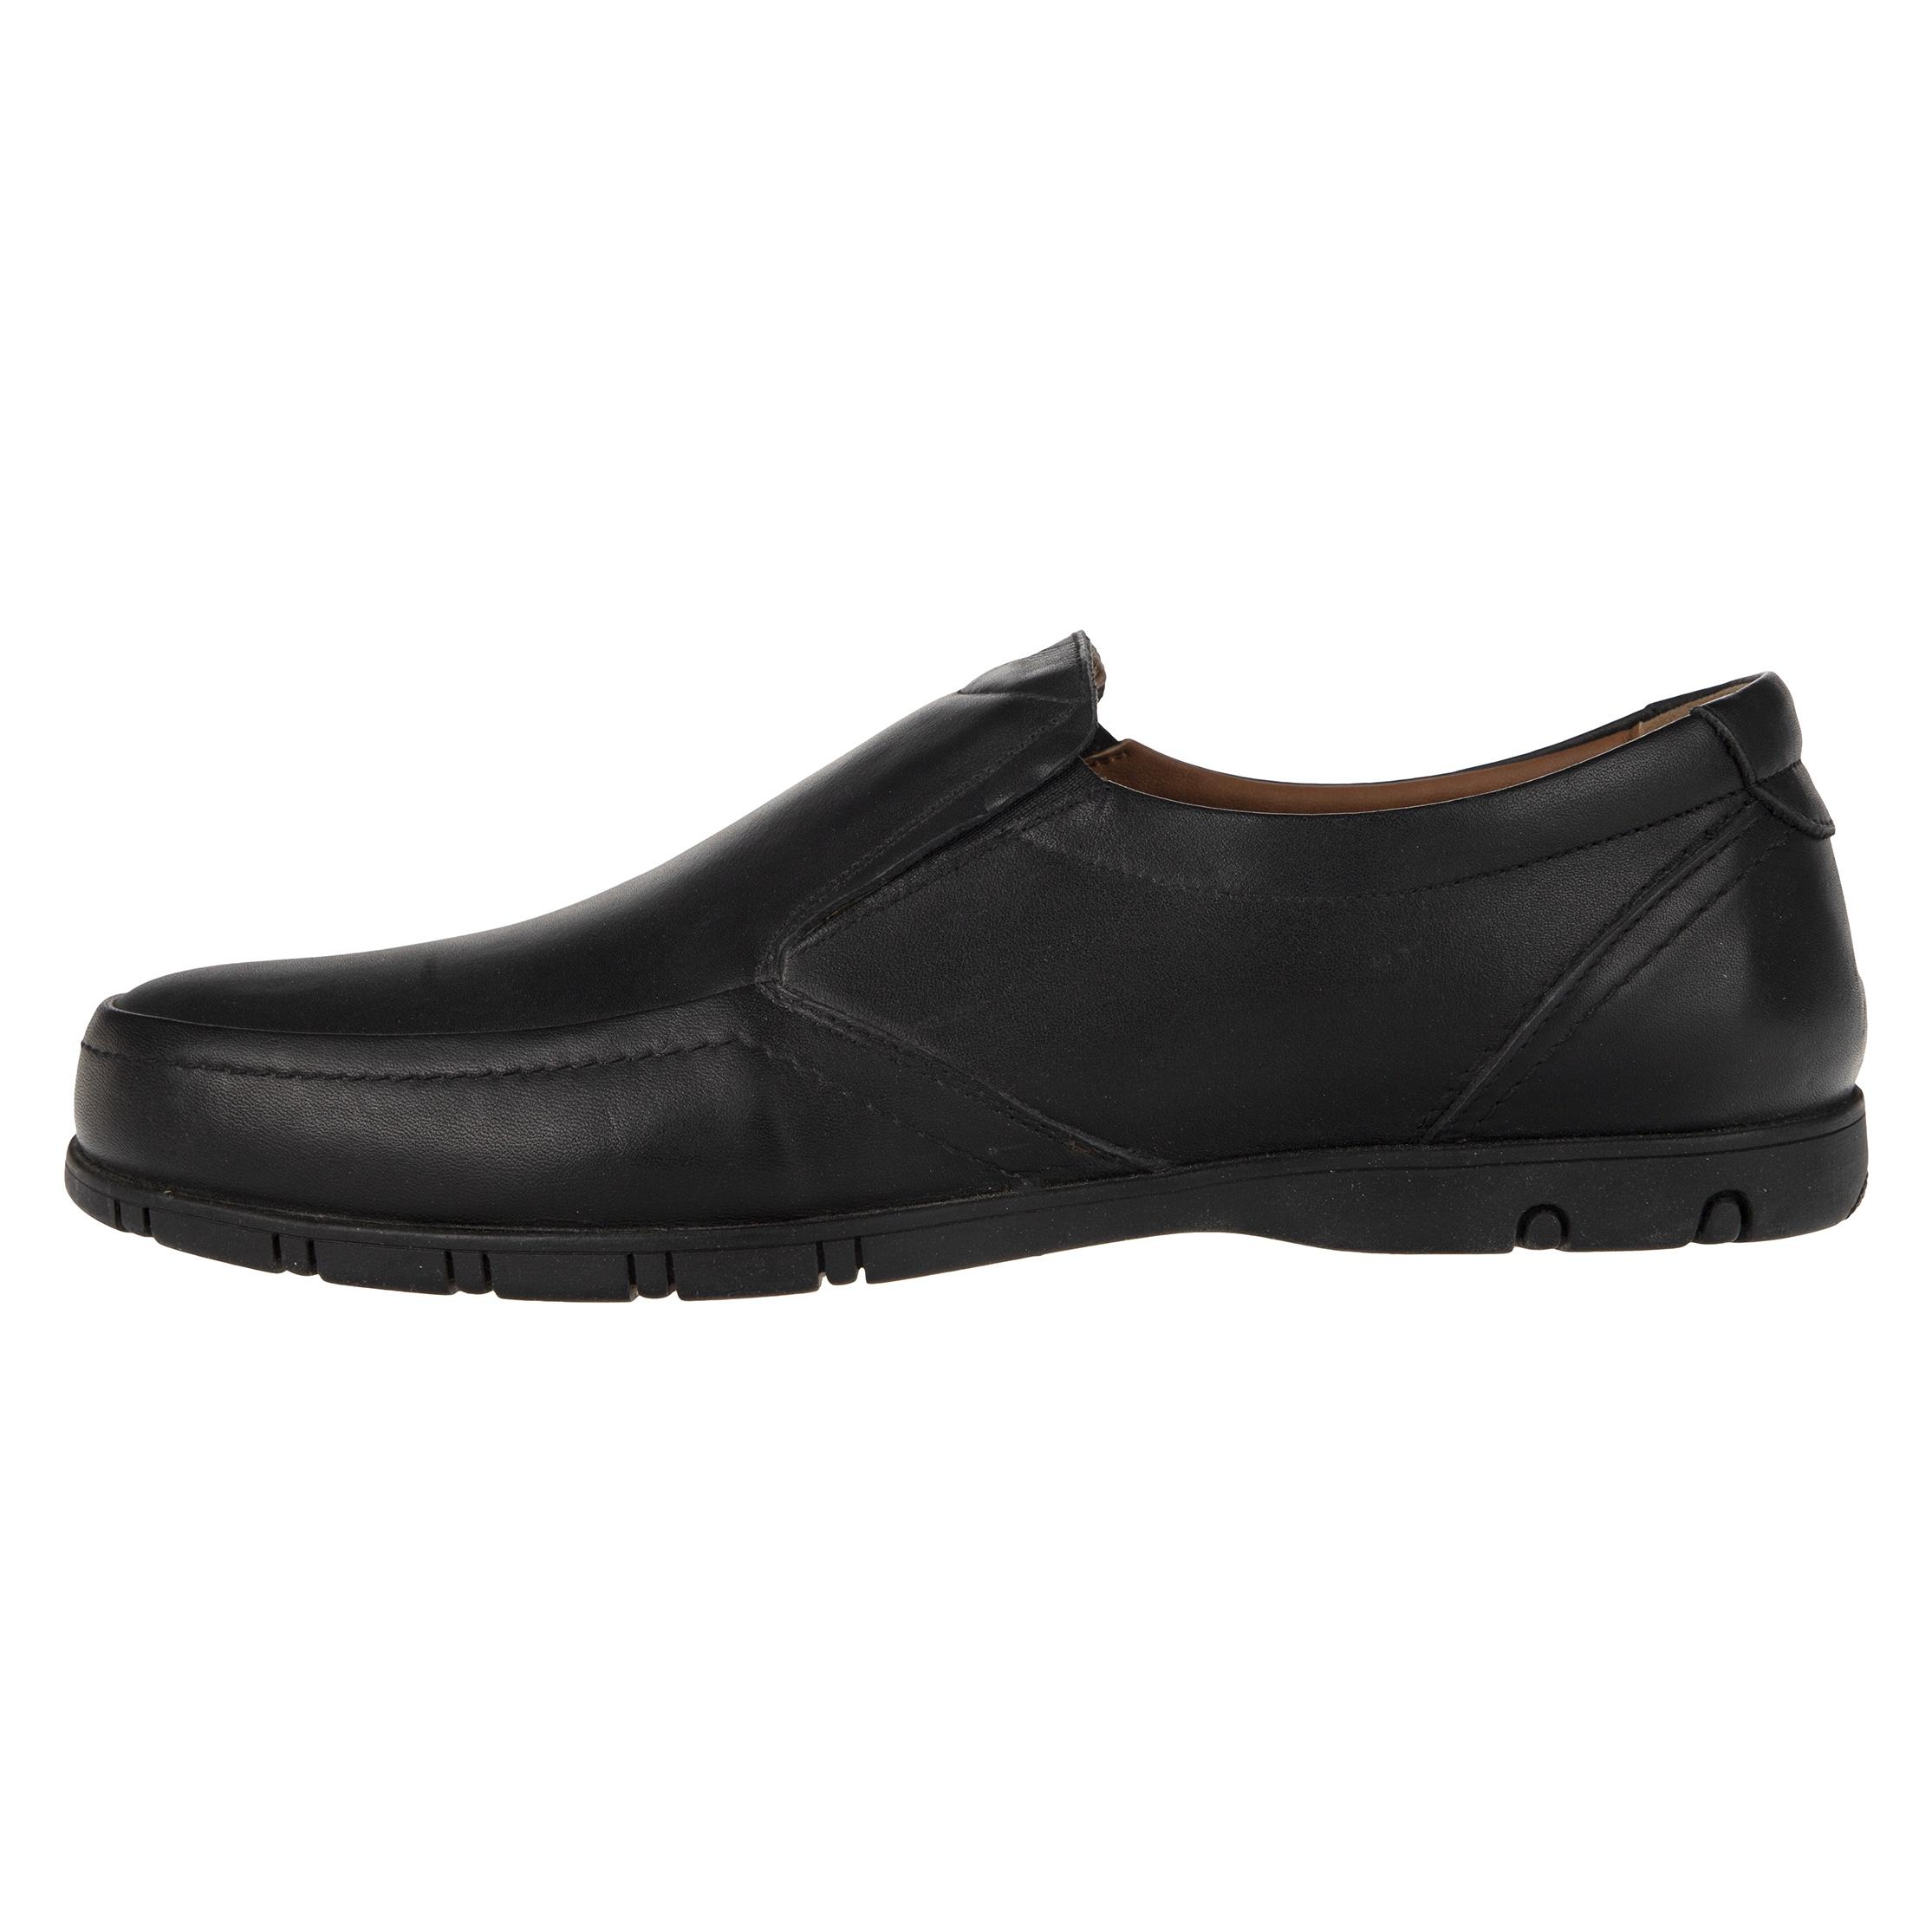 کفش روزمره مردانه پولاریس مدل 100294637-101